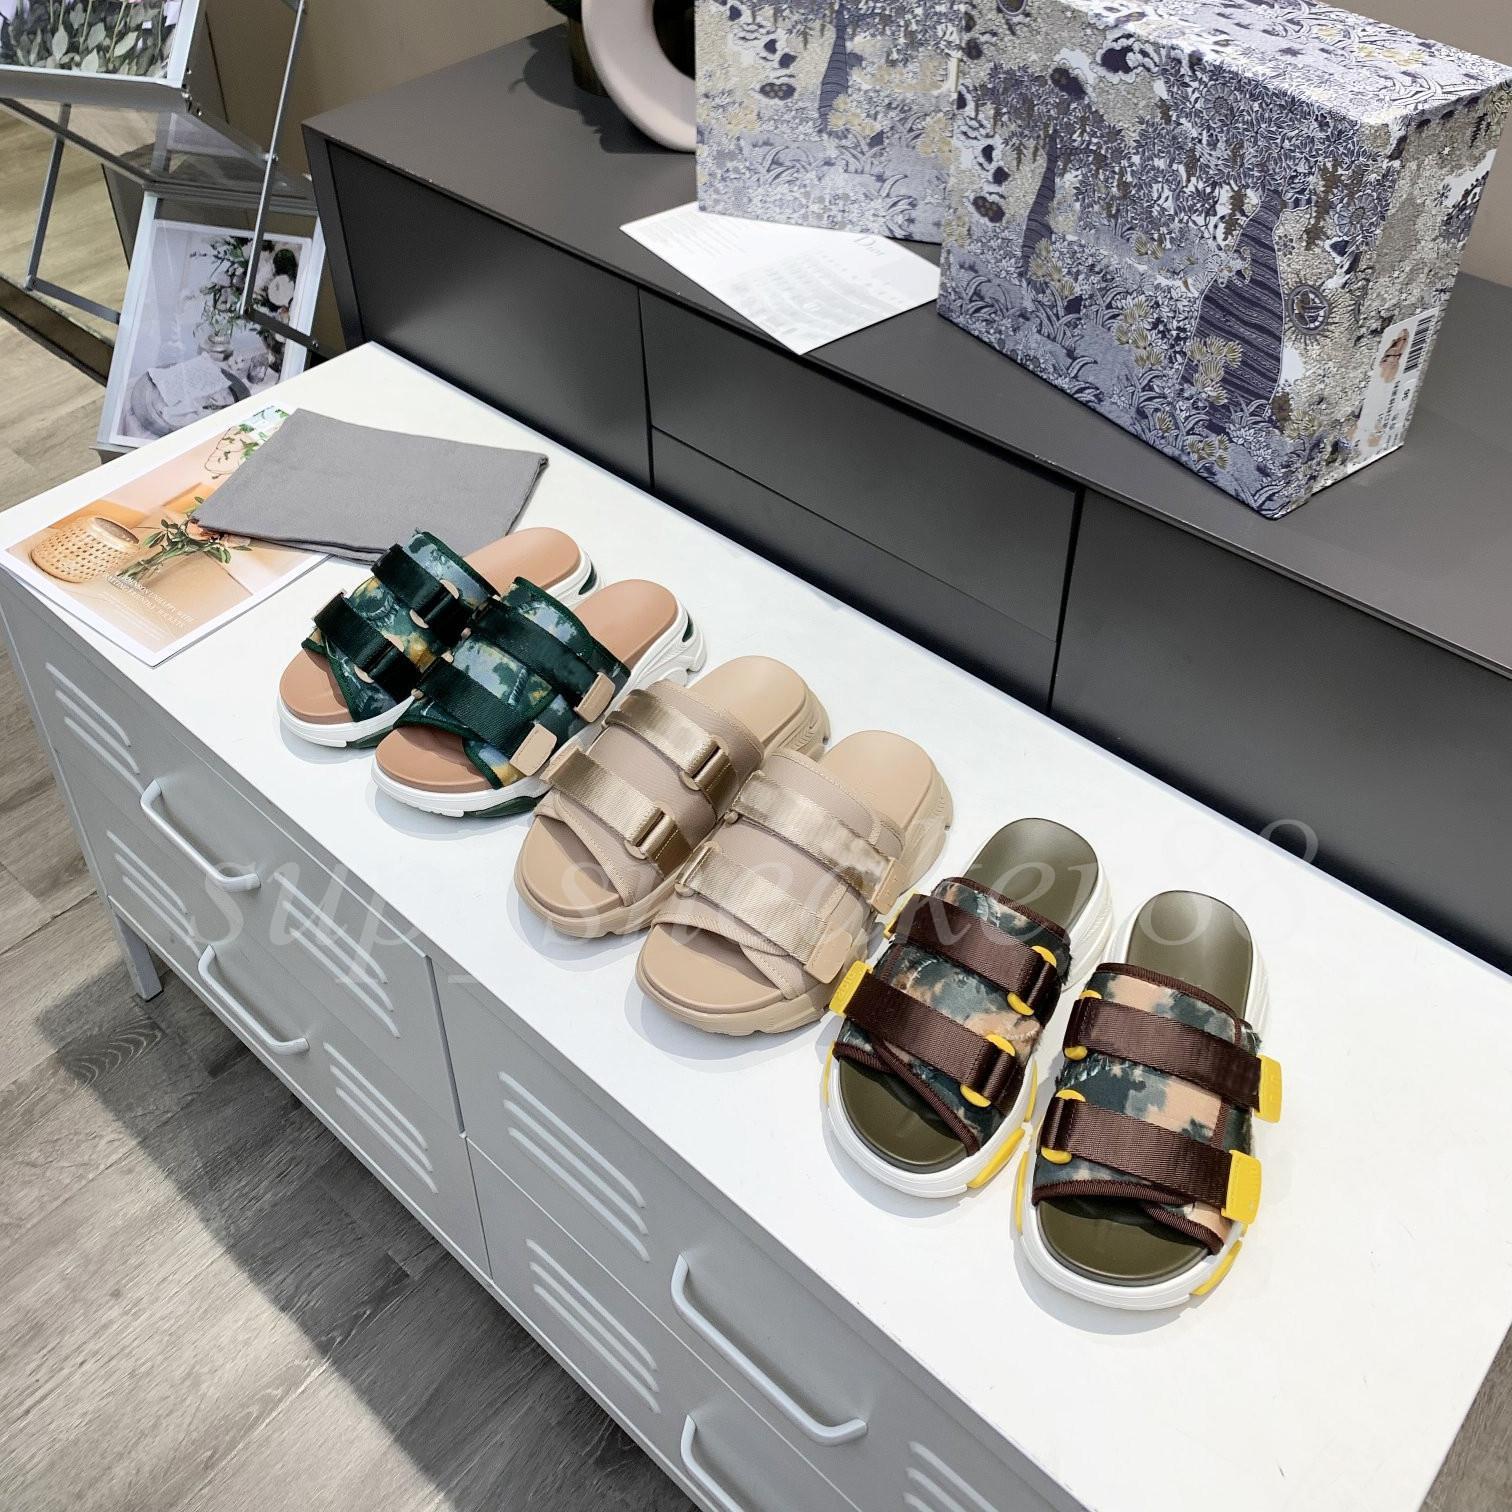 2021 Sandalias Zapatillas Oro Patente Inlaid Para Mujer Tobillo Lace Up Mujeres Gruesa Parte Impermeable Plataforma Falda de fiesta de tacón alto con zapato de caja